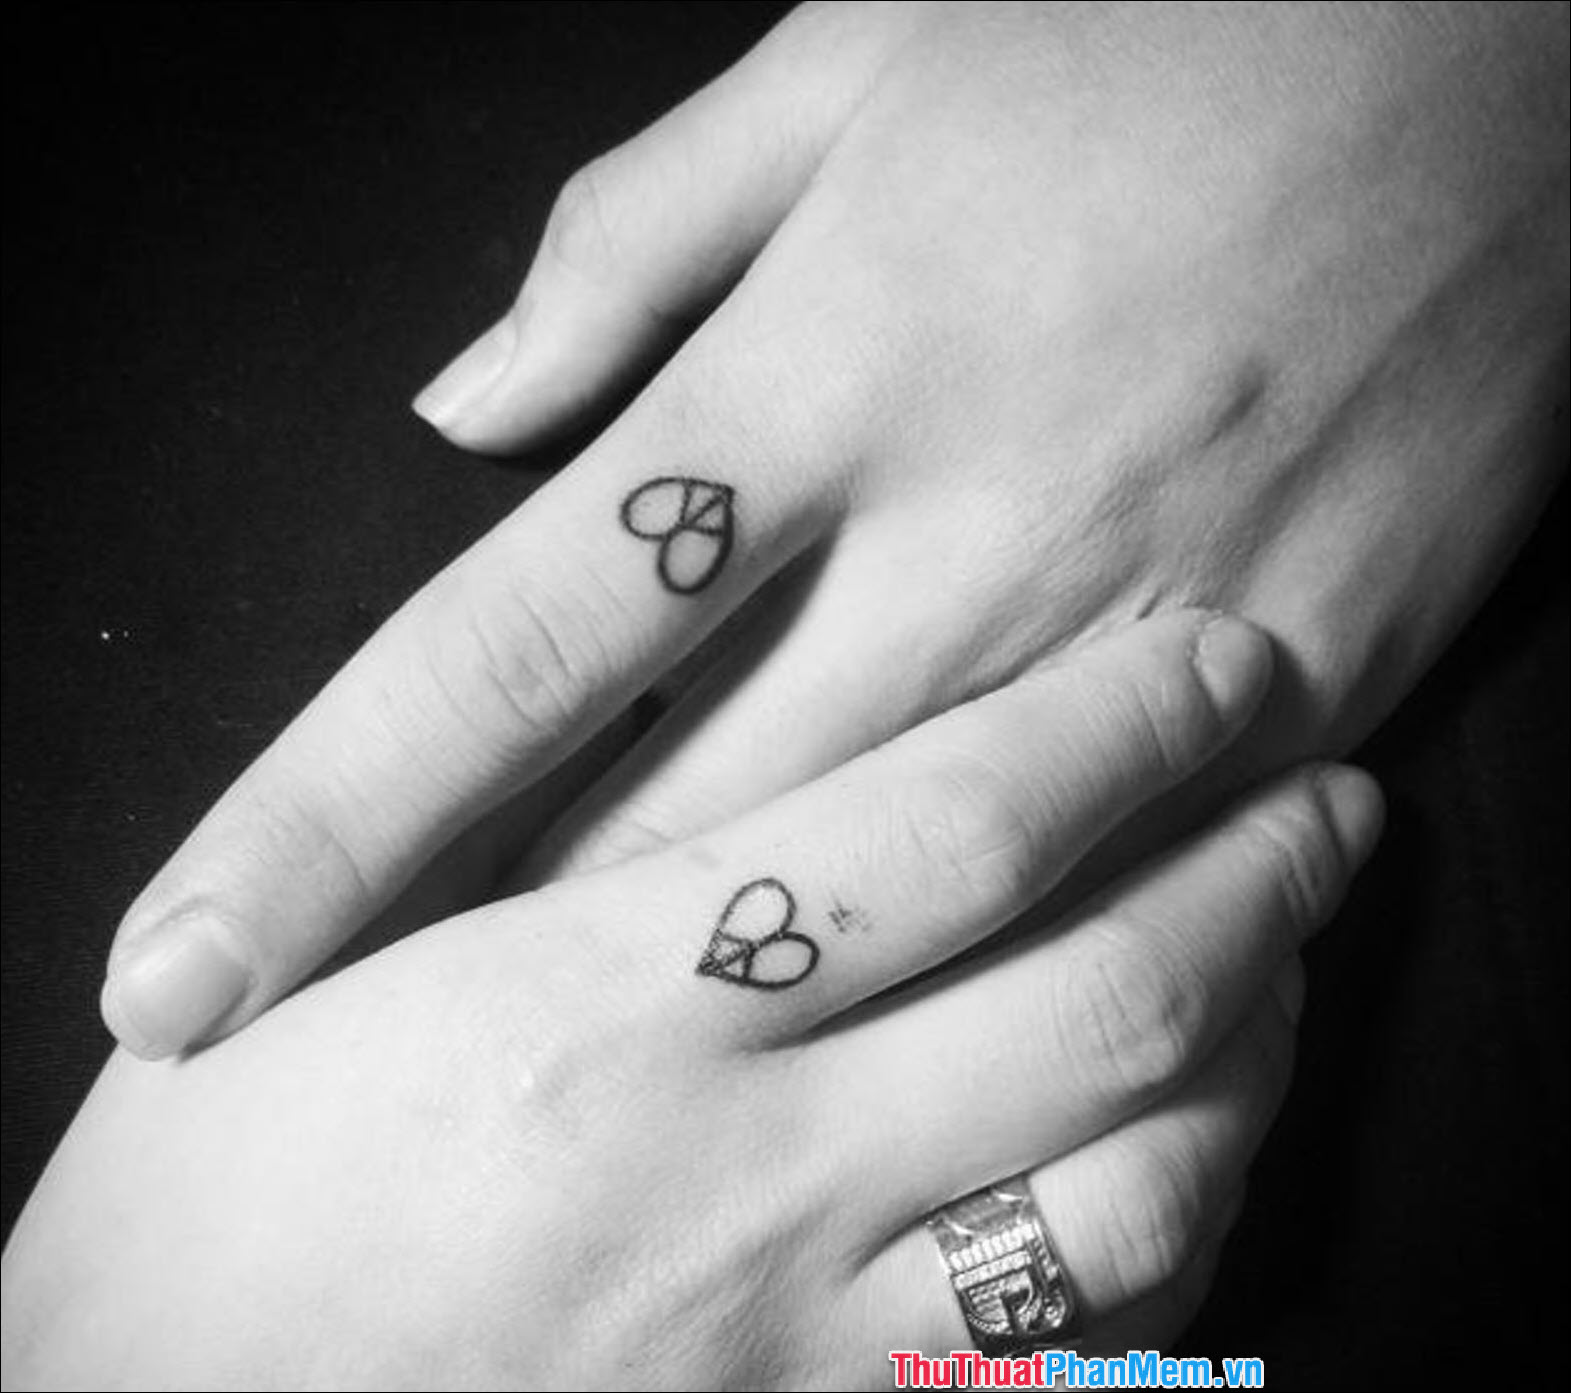 Hình xăm trái tim đơn giản ở ngón tay